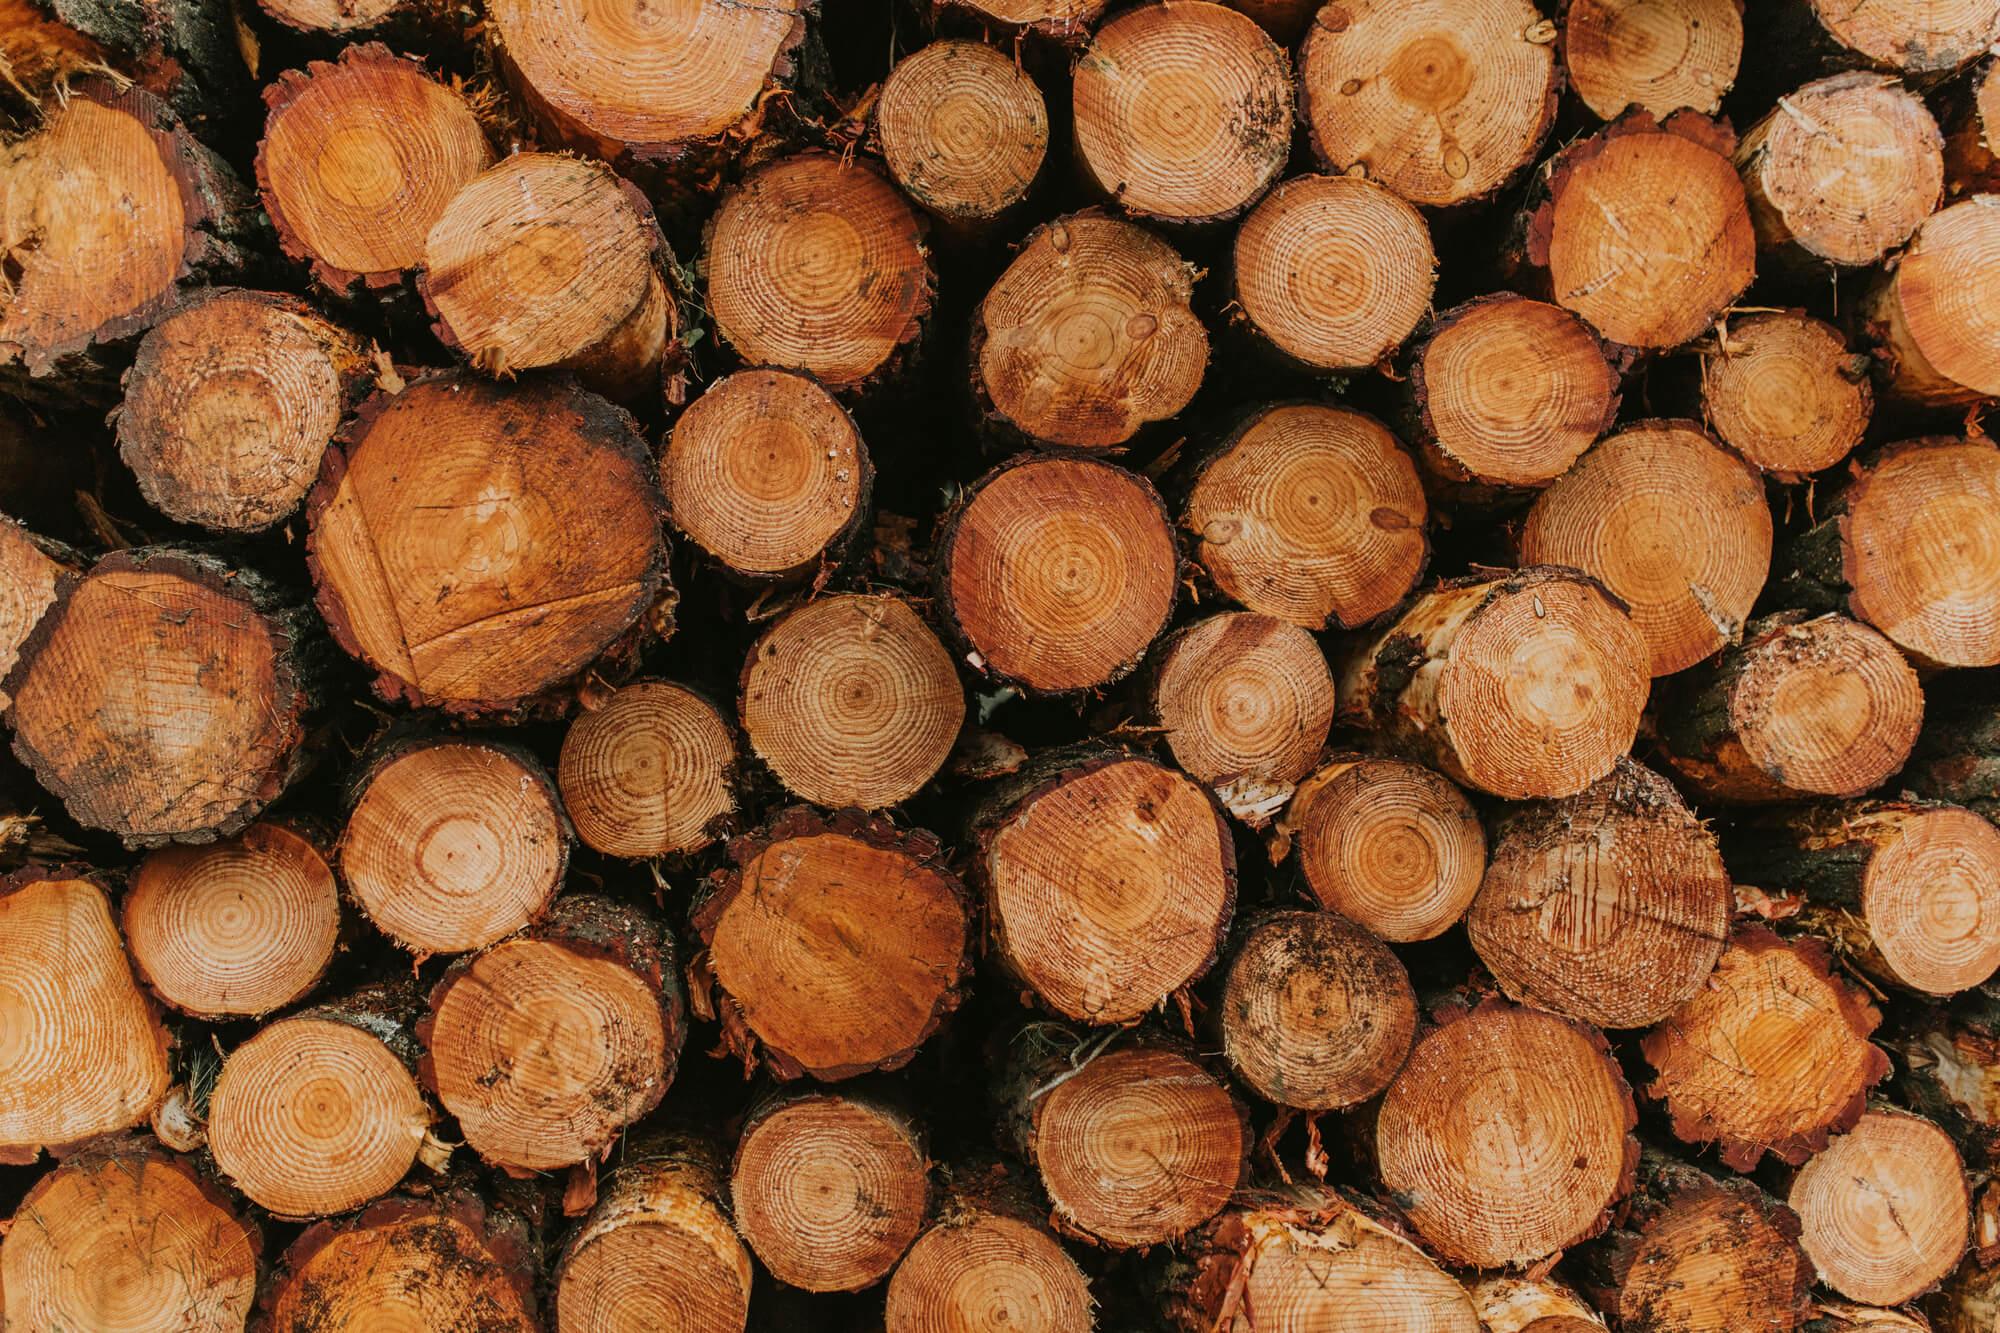 «Доставка» заробітчан і вивіз лісу до ЄС. Як маніпулювали проросійські медіа за тиждень 11-17 жовтня